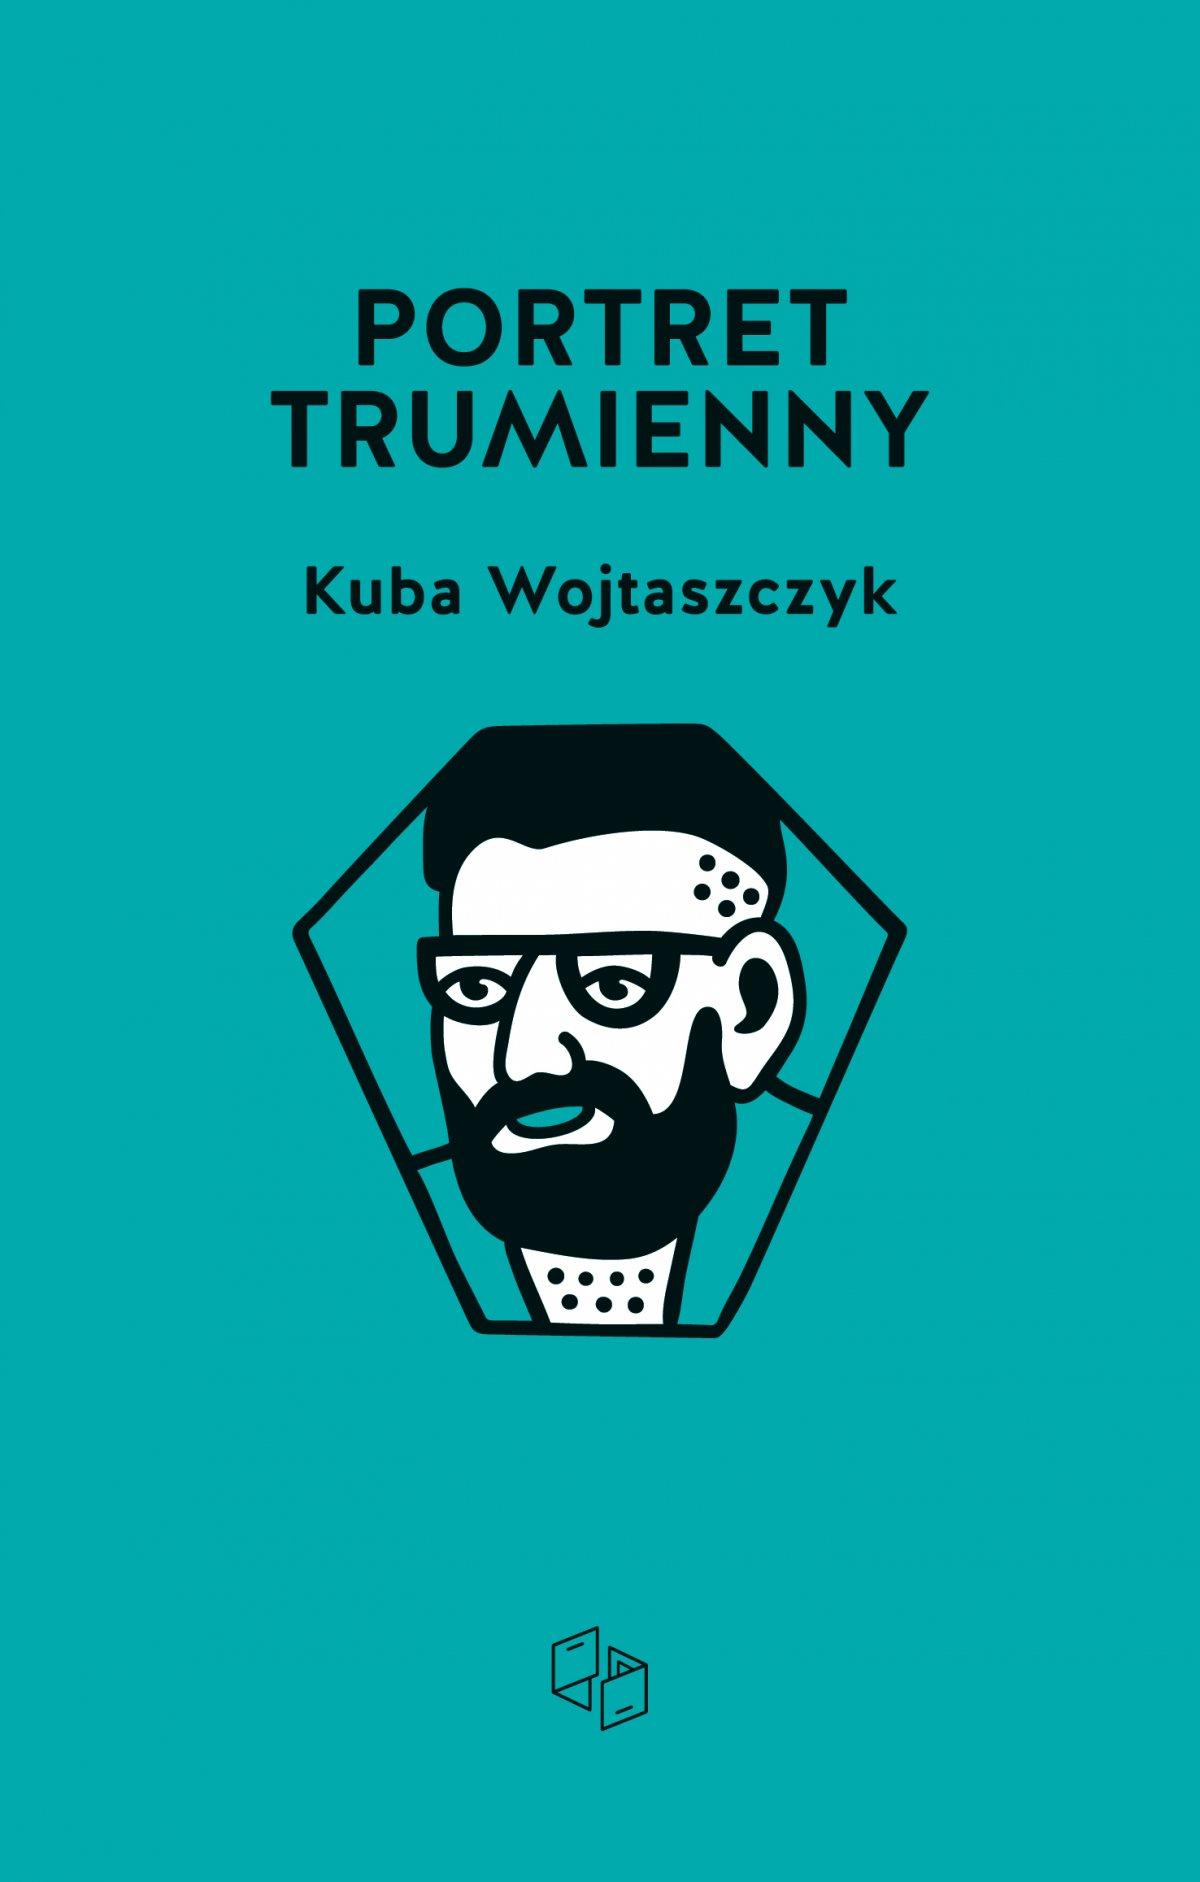 Portret trumienny - Ebook (Książka EPUB) do pobrania w formacie EPUB